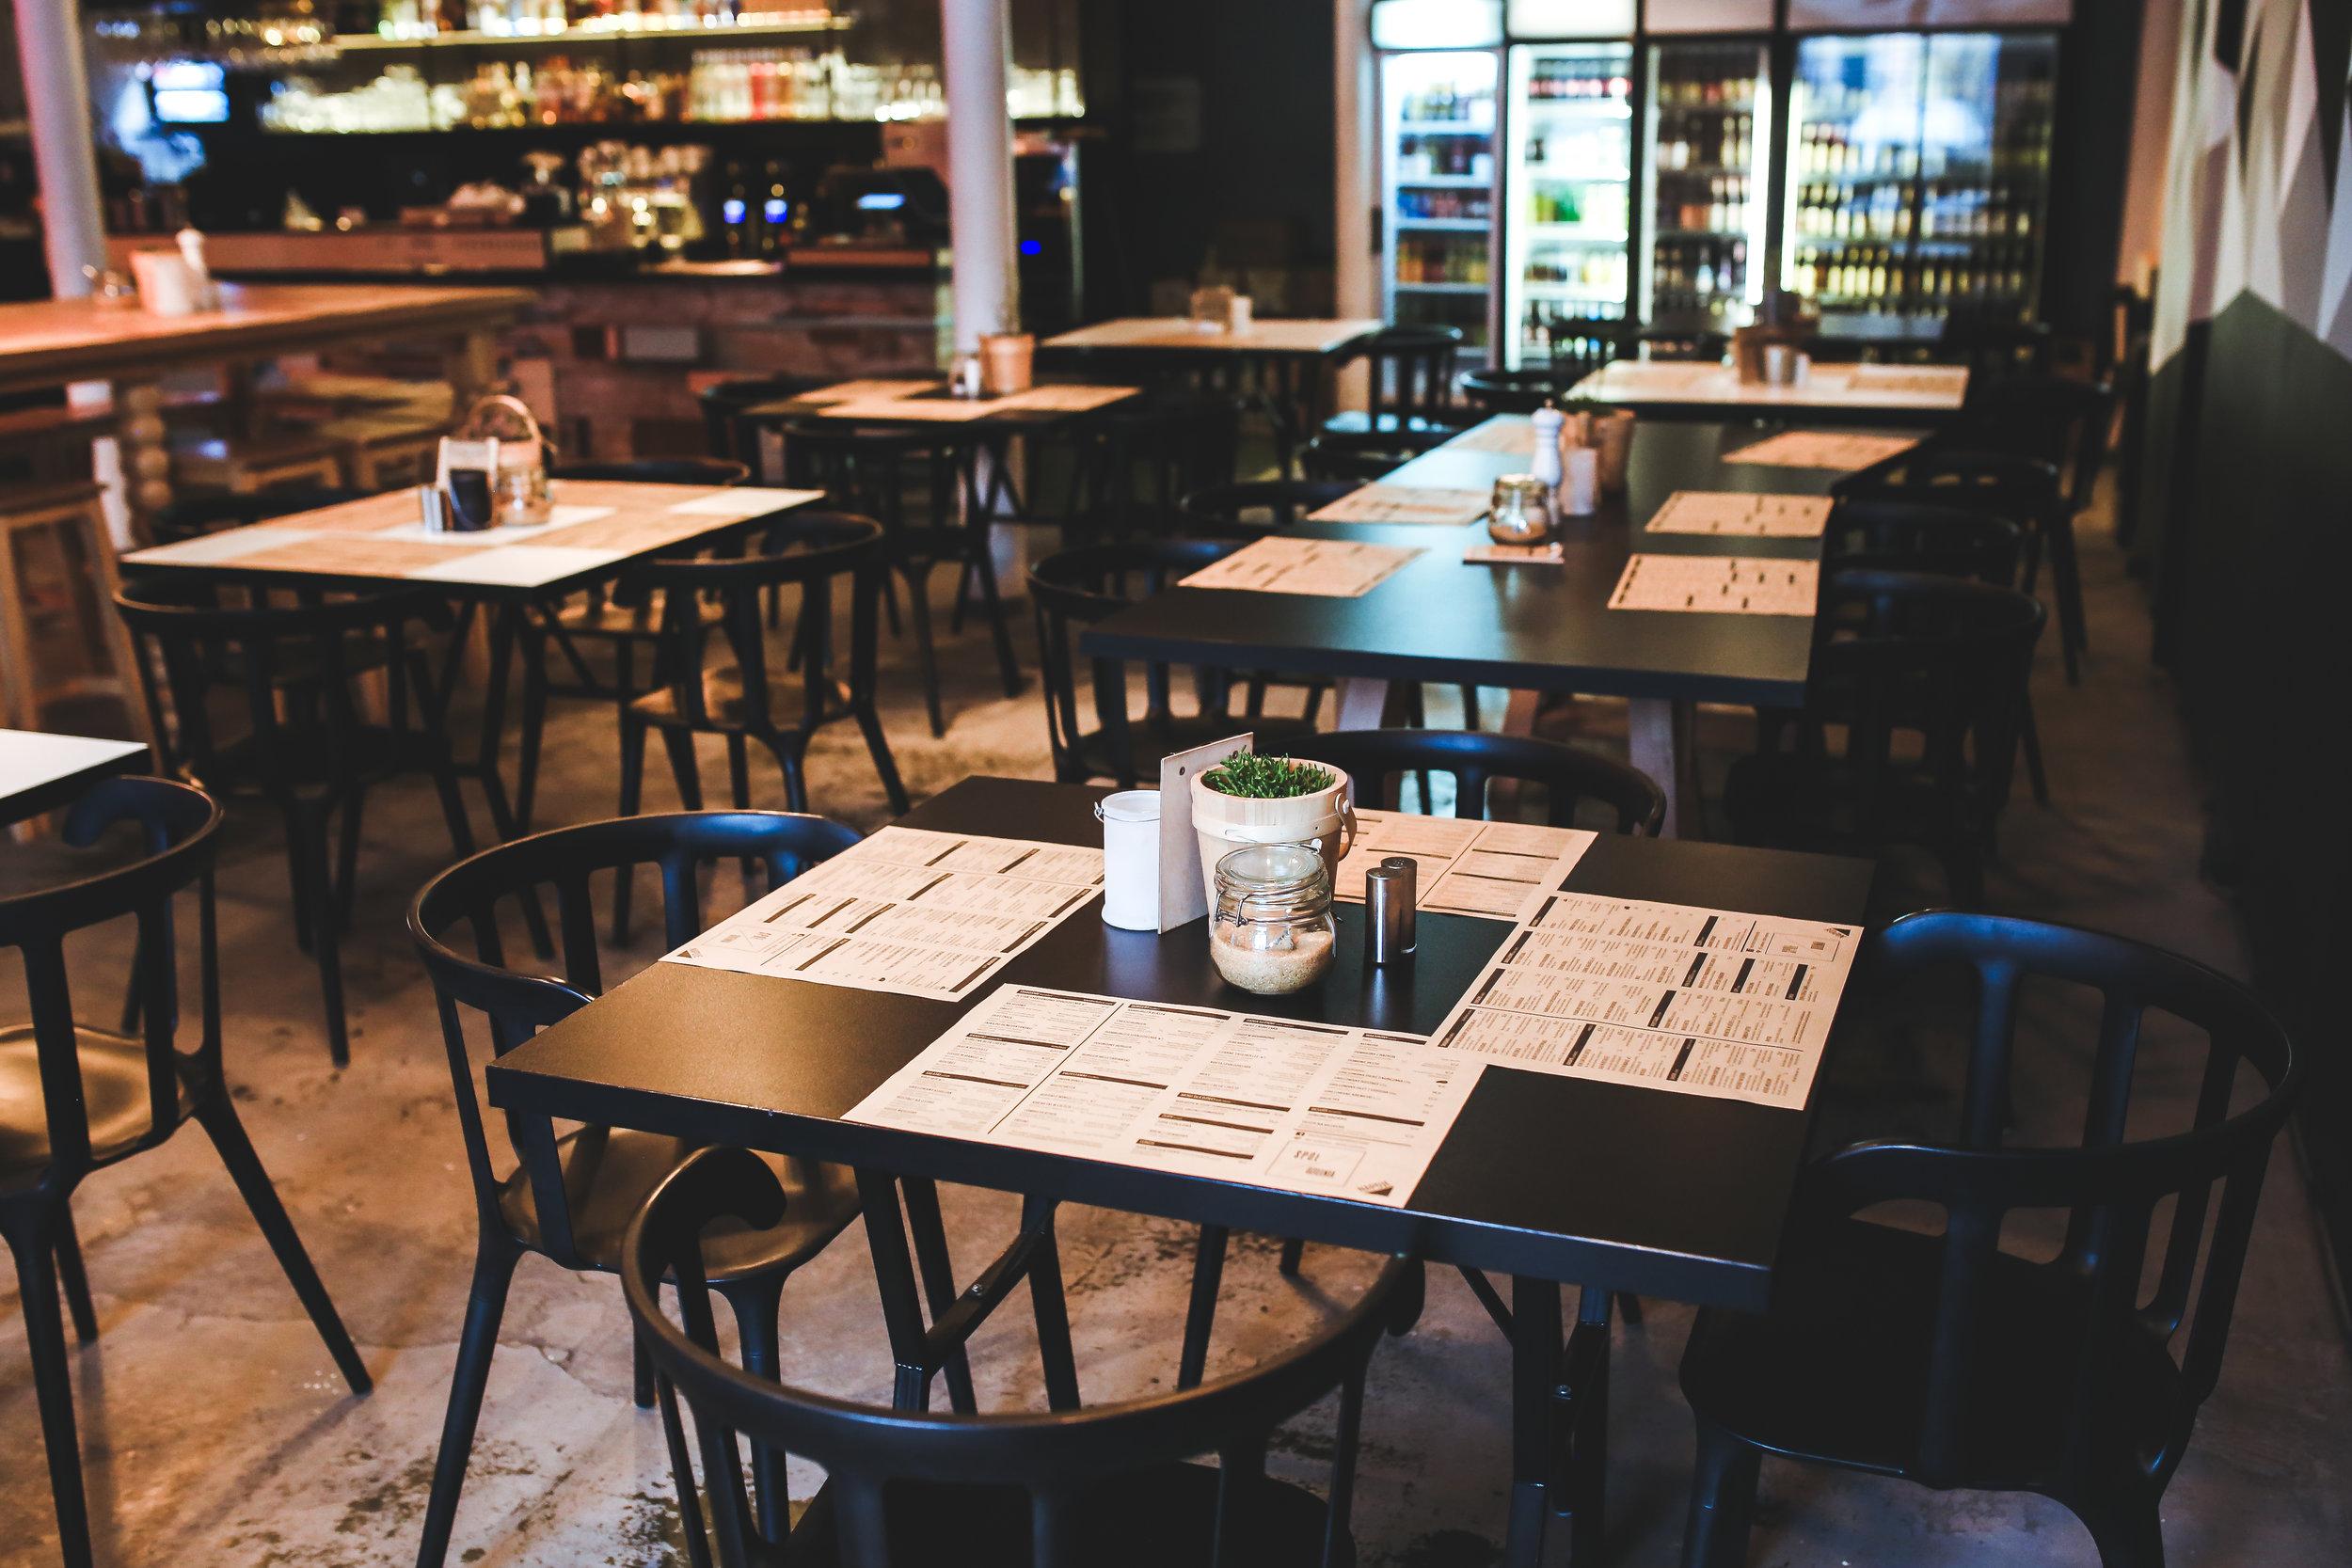 menu-restaurant-vintage-table.jpg